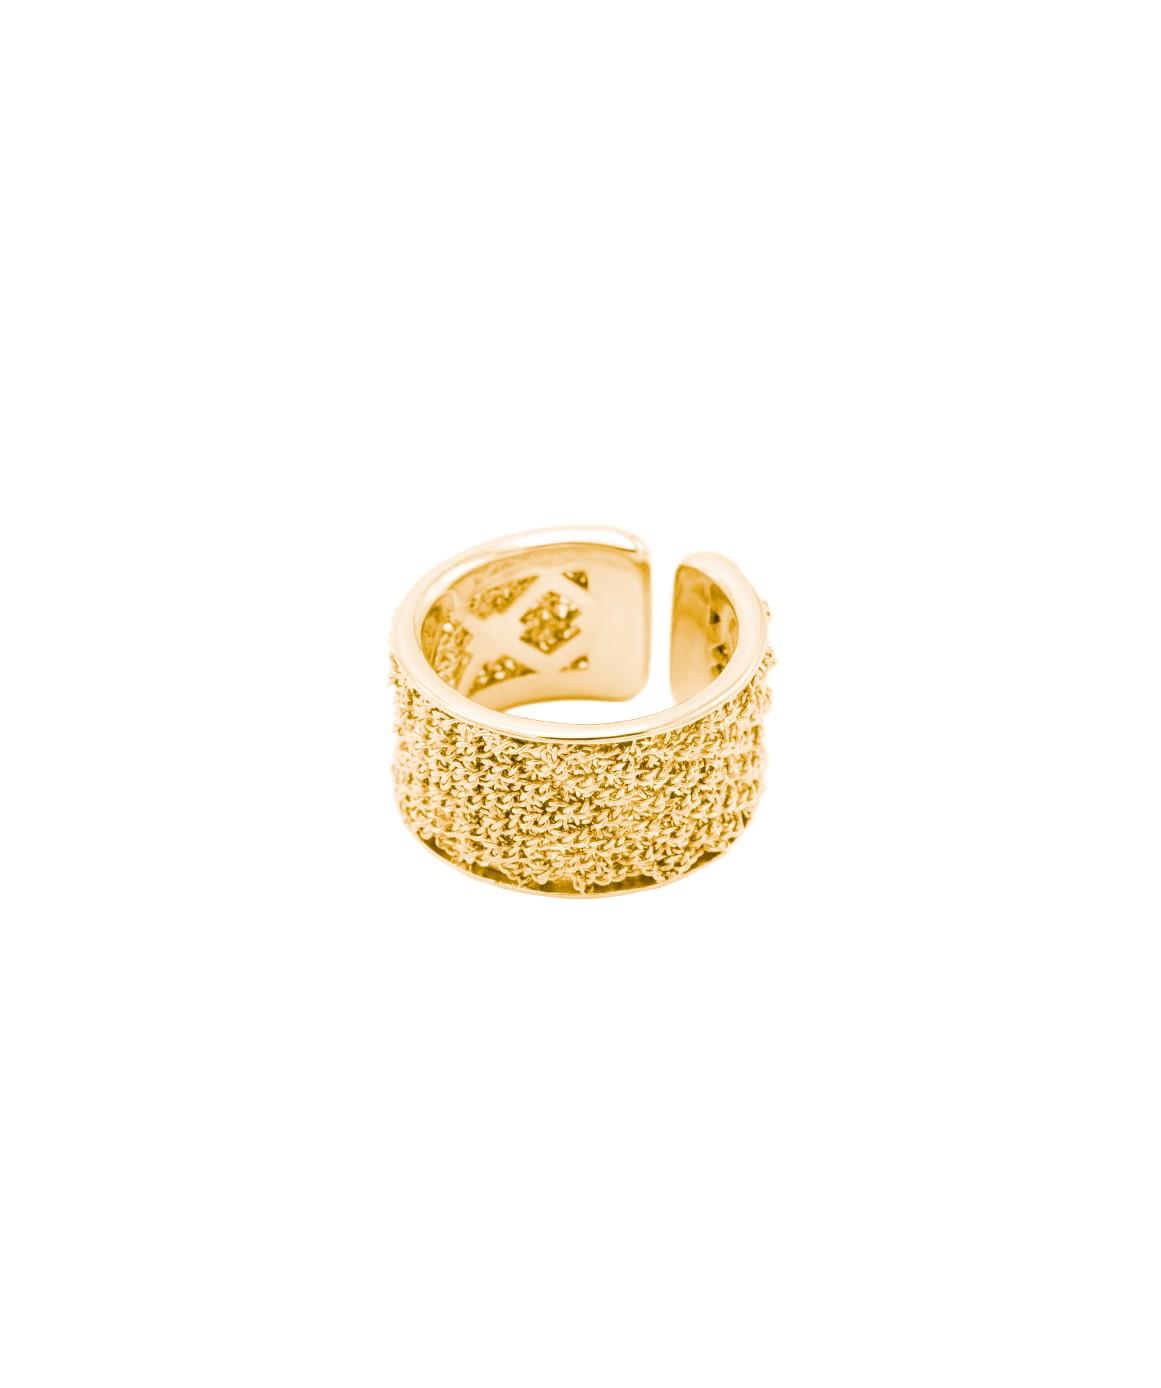 Anello SPARKLE in Argento 925 bagno oro Giallo 18 Kt.